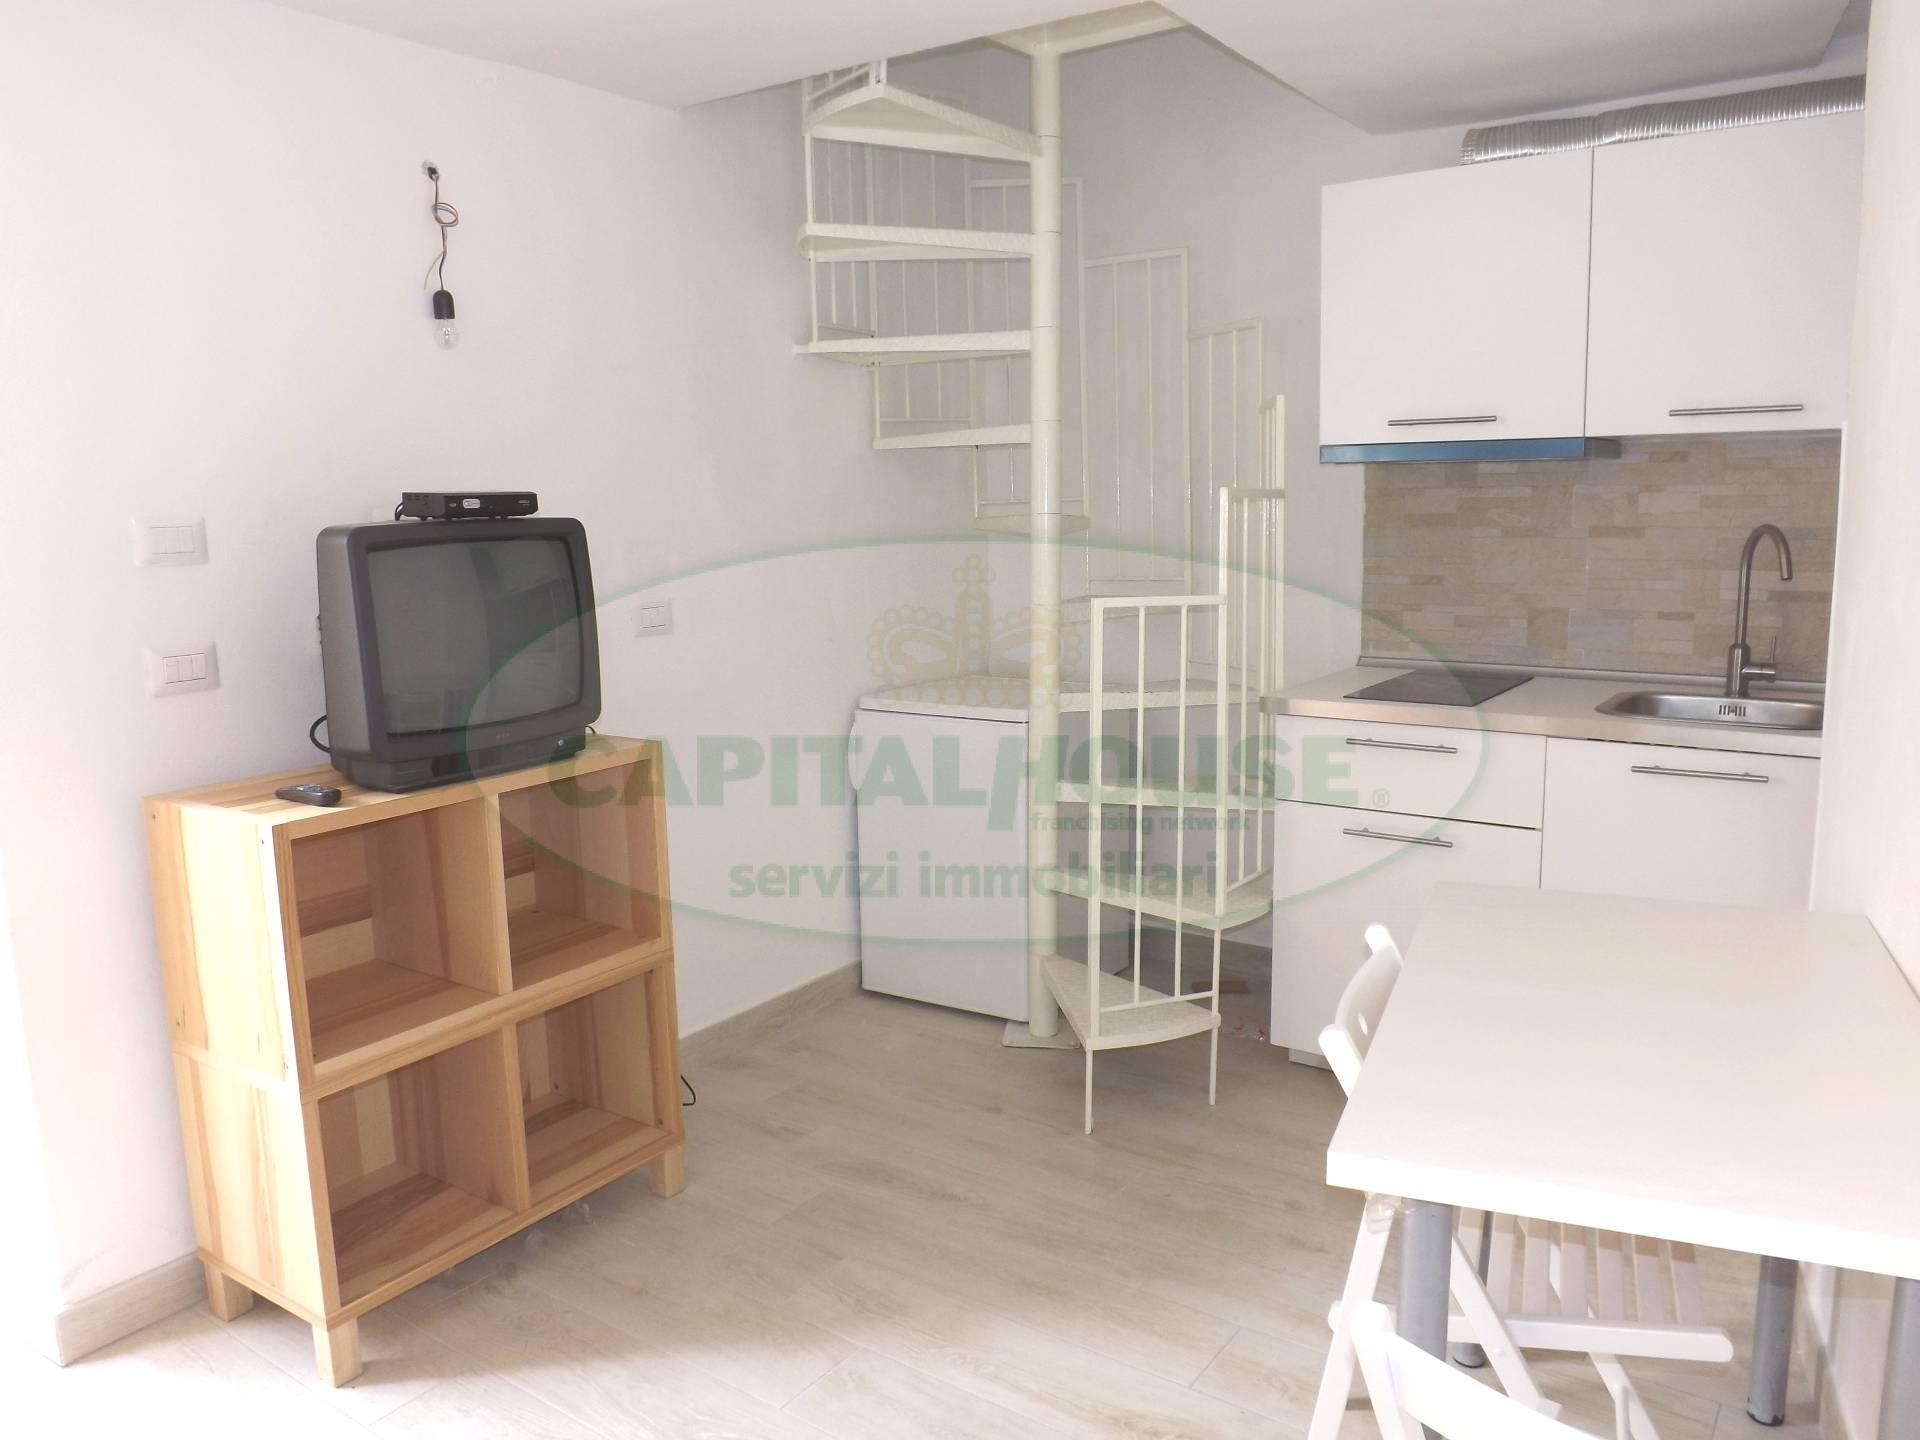 Appartamento in vendita a San Potito Ultra, 2 locali, prezzo € 25.000 | Cambio Casa.it